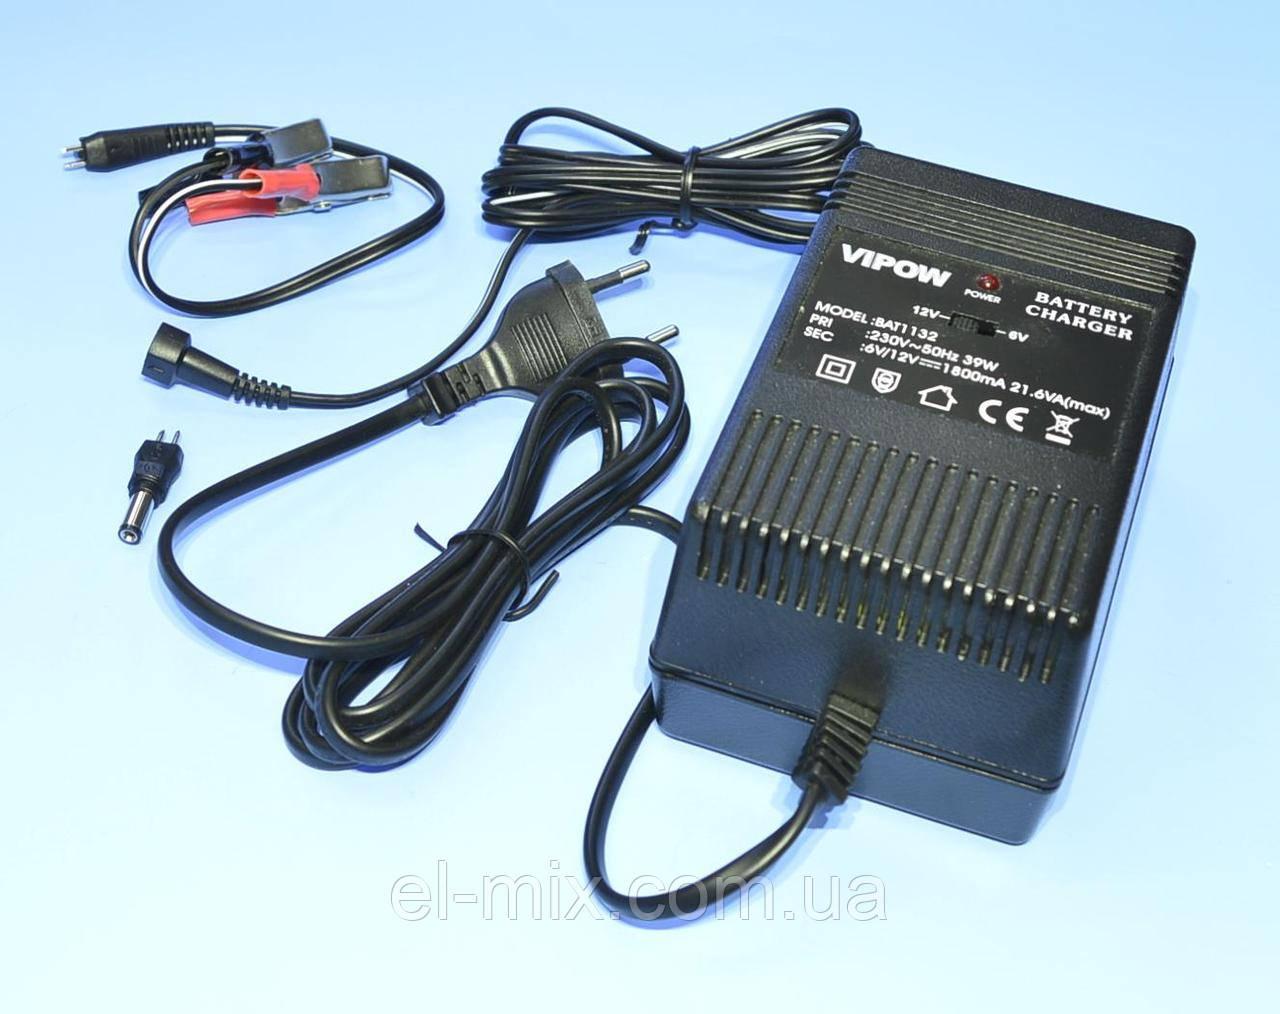 Устройство зарядное для аккумуляторов гелевых 6/12V (1800mA) Vipow BAT1132